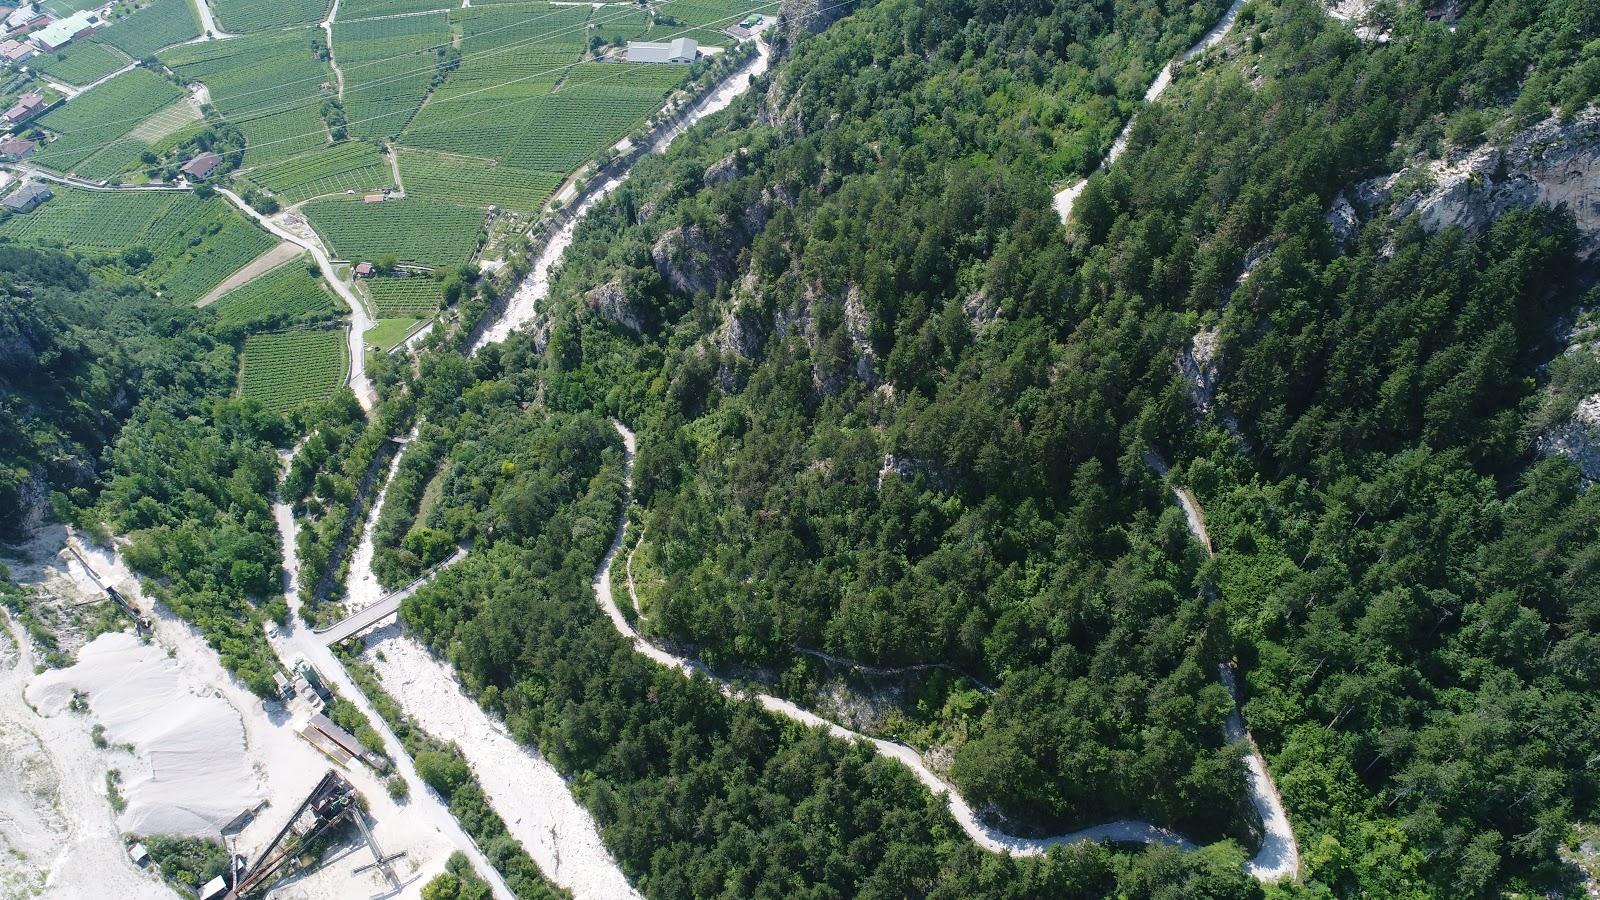 Scanuppia, Italy, Italian Alps, hairpins drone photo